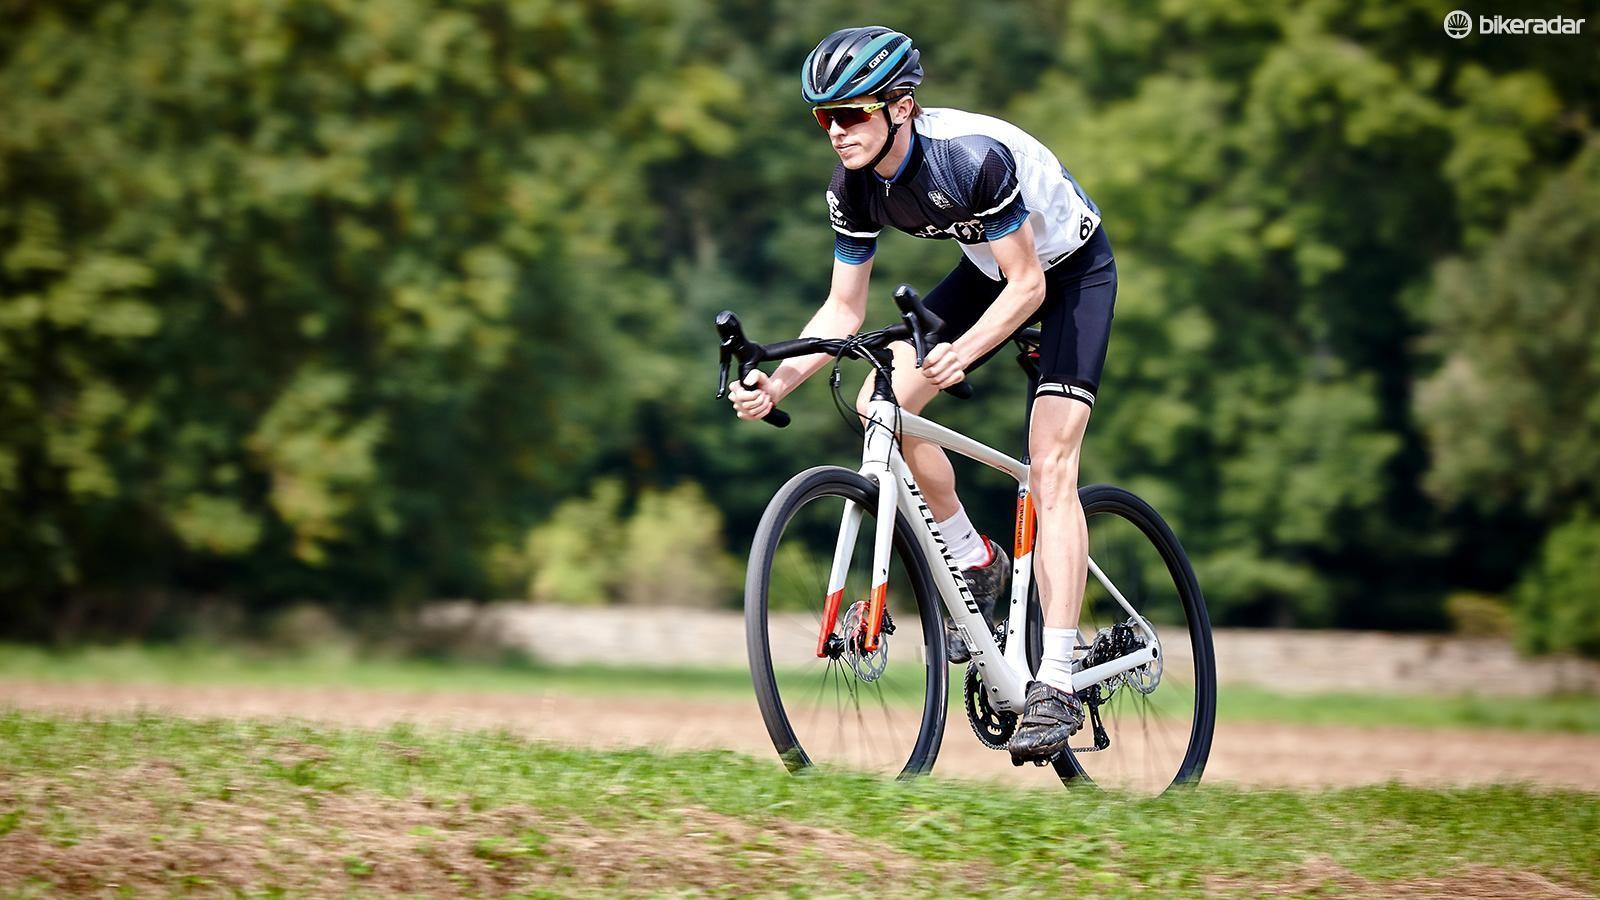 Looks like a bike, rides like a bike, referred to as an 'exploration machine'